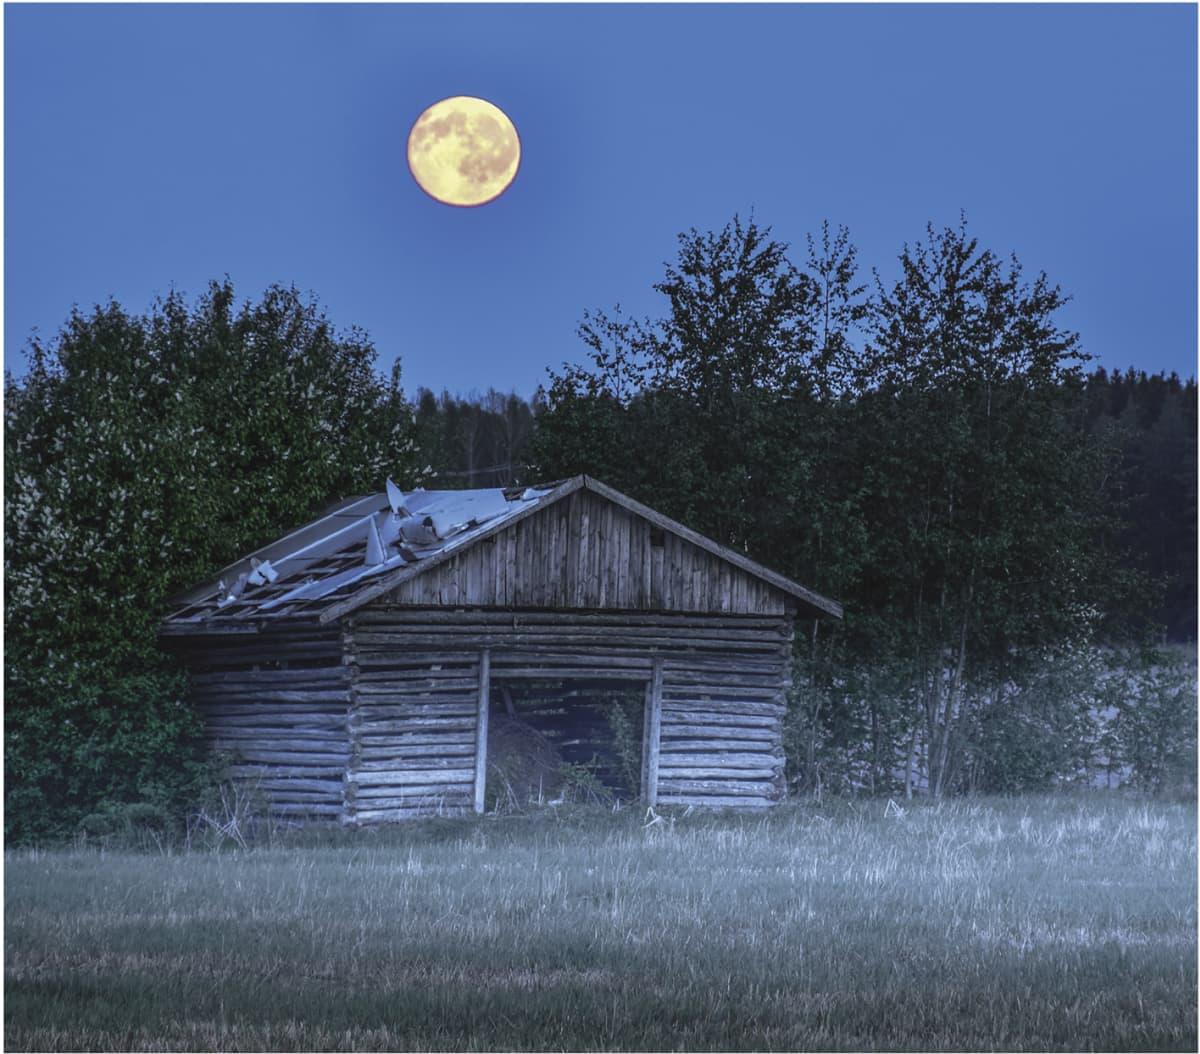 Lato Kauhavalla kuunvalossa.